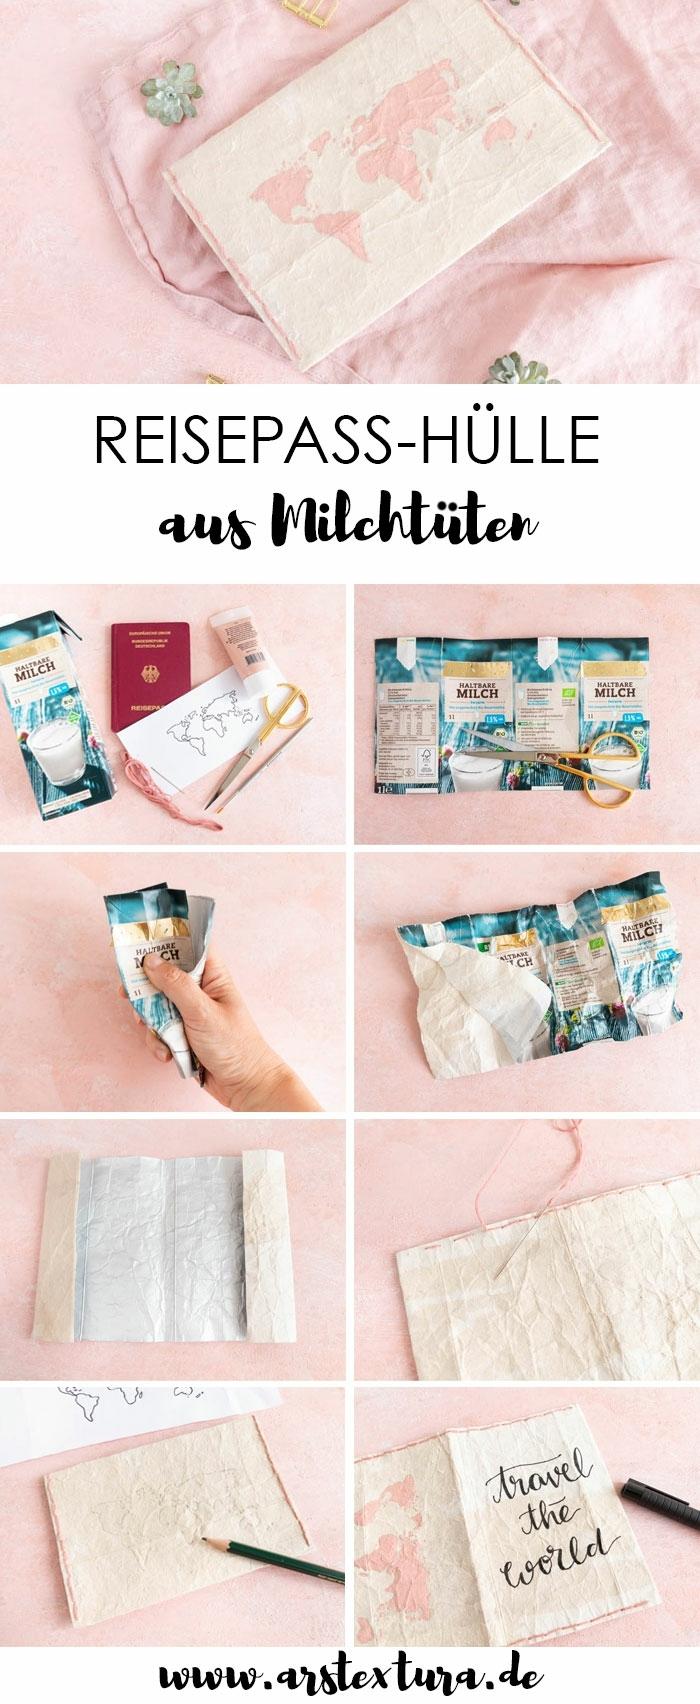 Hülle für den Reisepass aus Milchtüte, kreative Ideen, Anleitung zum Selbermachen, Weiterverwendung von Verpackungen